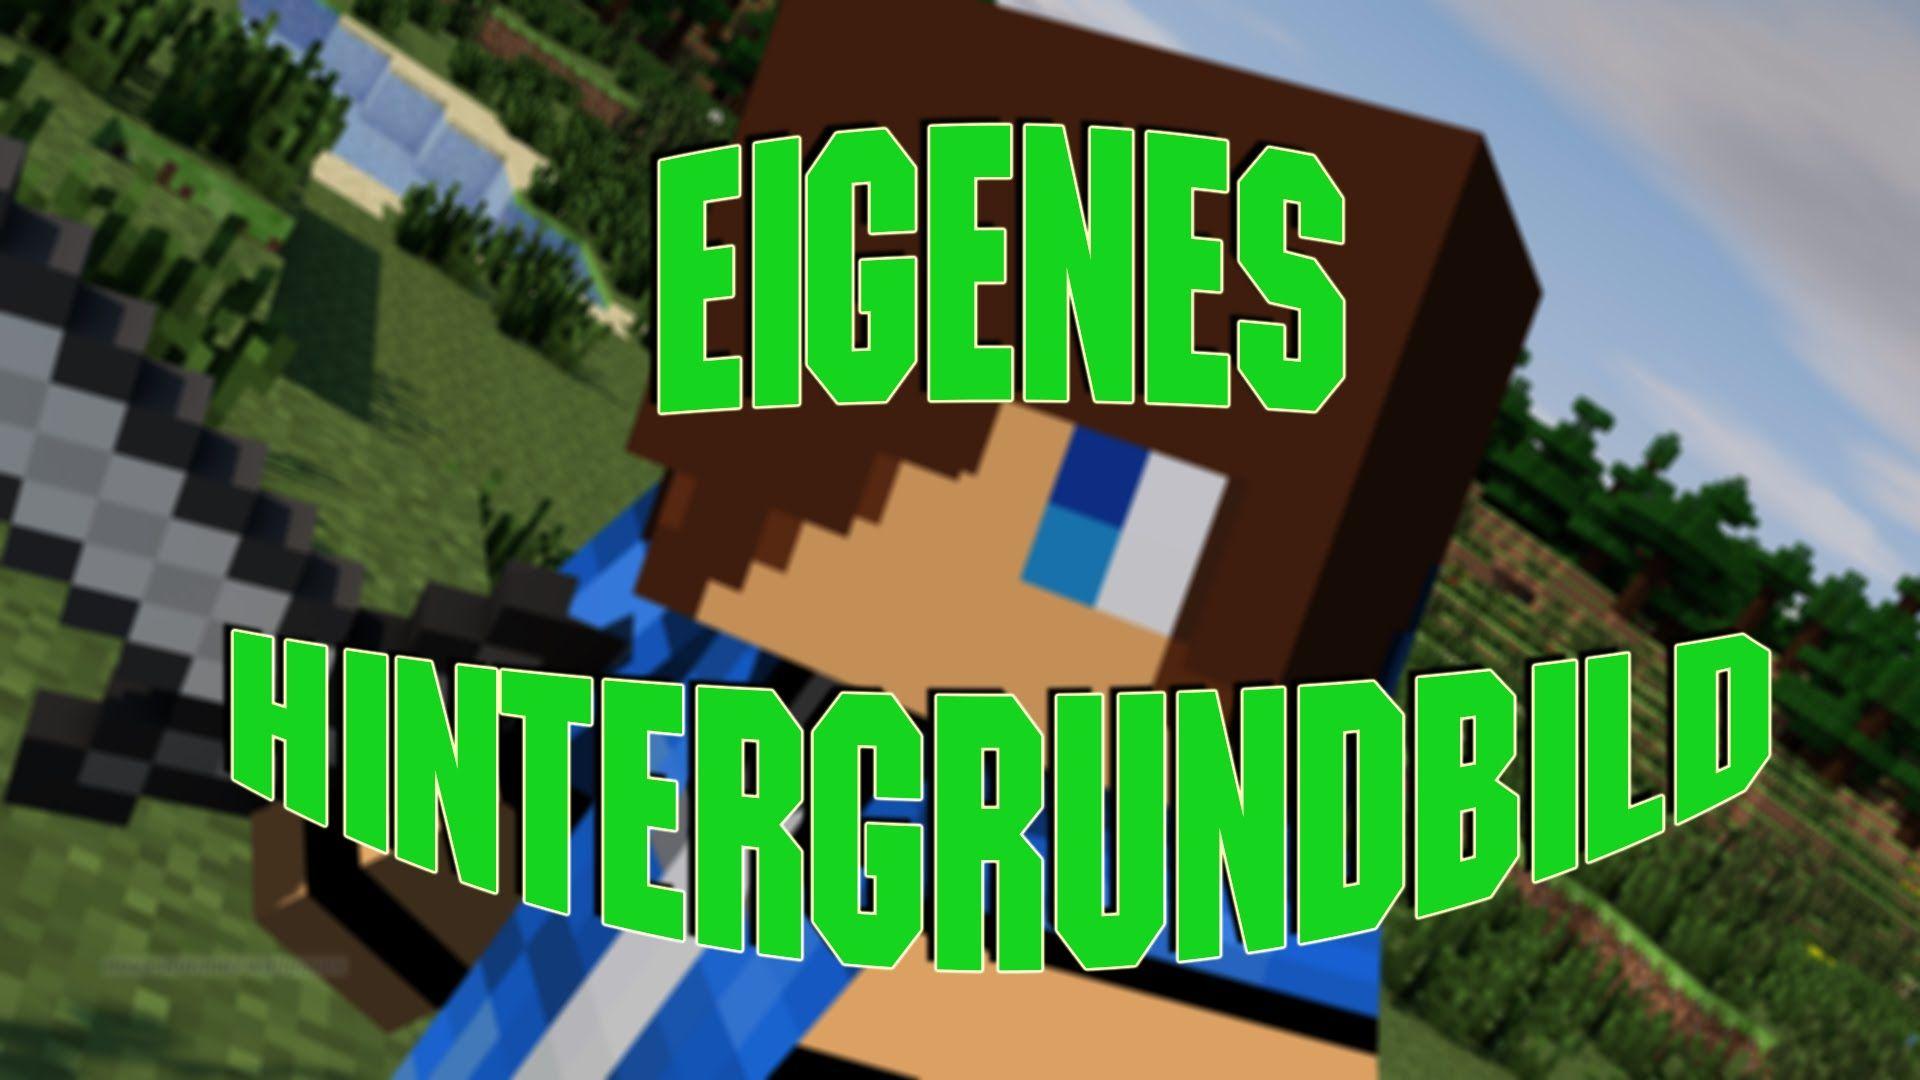 Minecraft Hintergrundbild Mit Eurem Skin Erstellen YouTube - Eigene skins fur minecraft erstellen